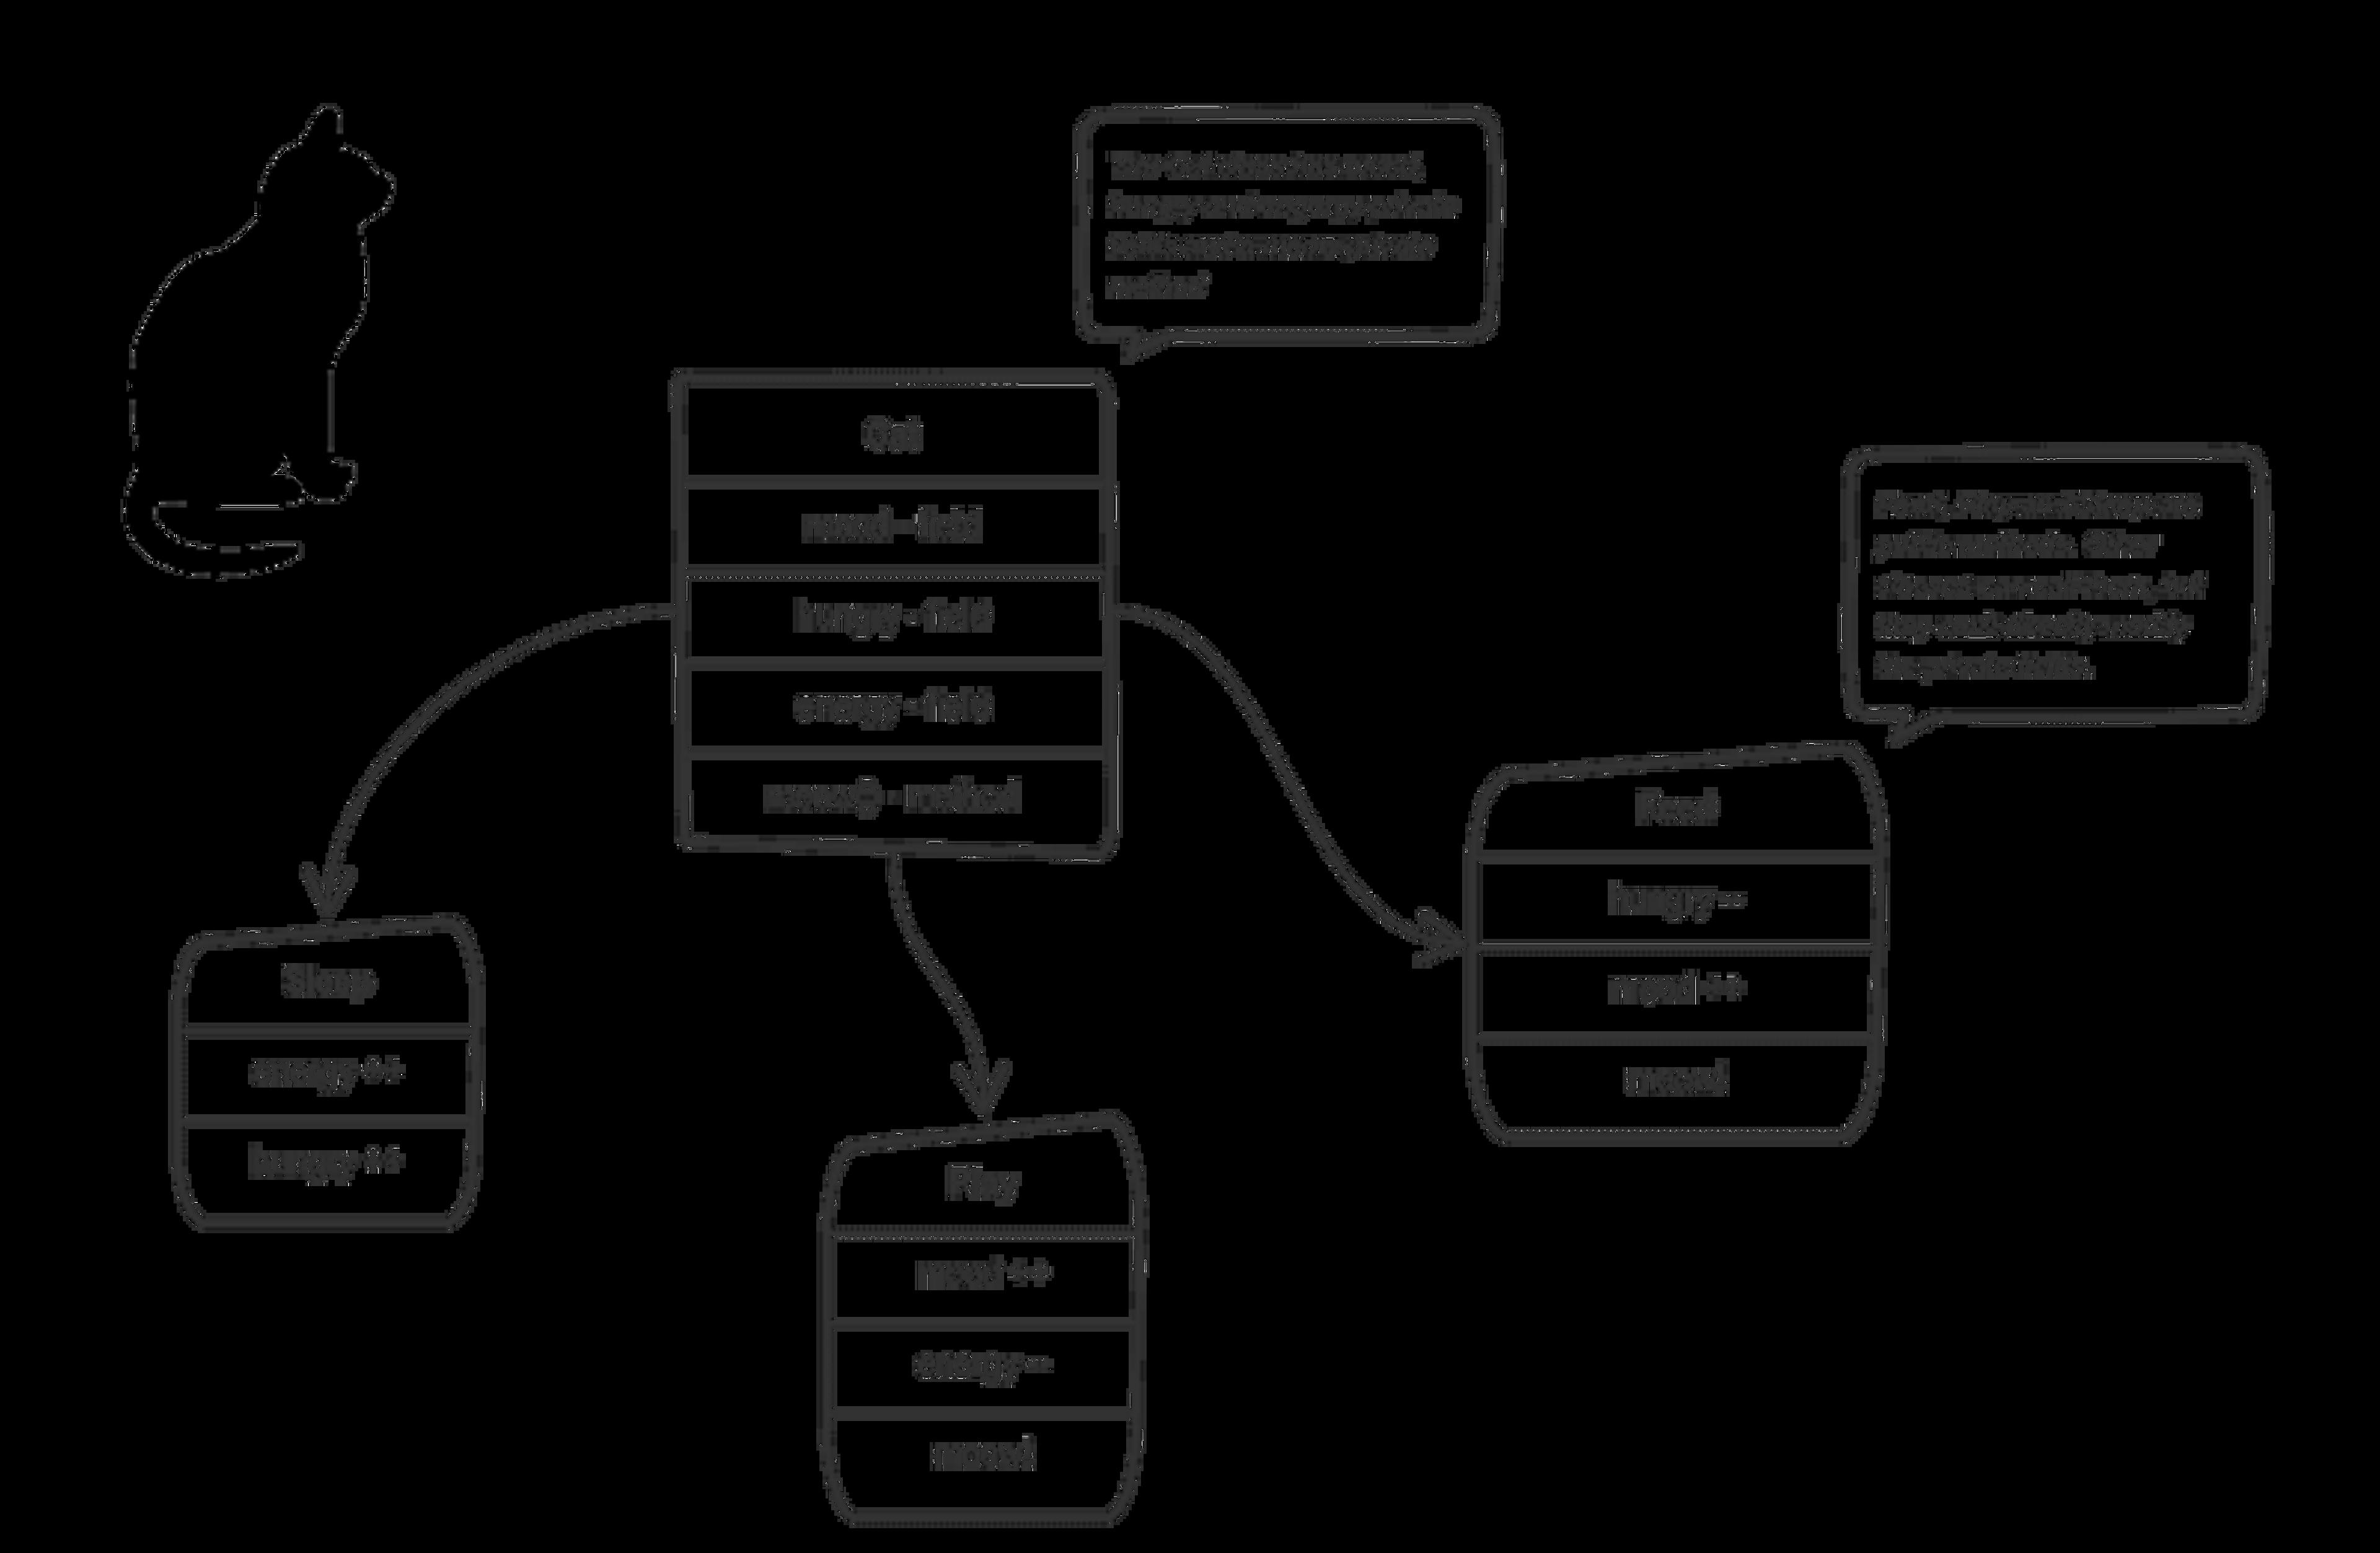 Illustration du paradigme de programmation orientée objet avec l'exemple d'un chat, ses propriétés et ses méthodes.